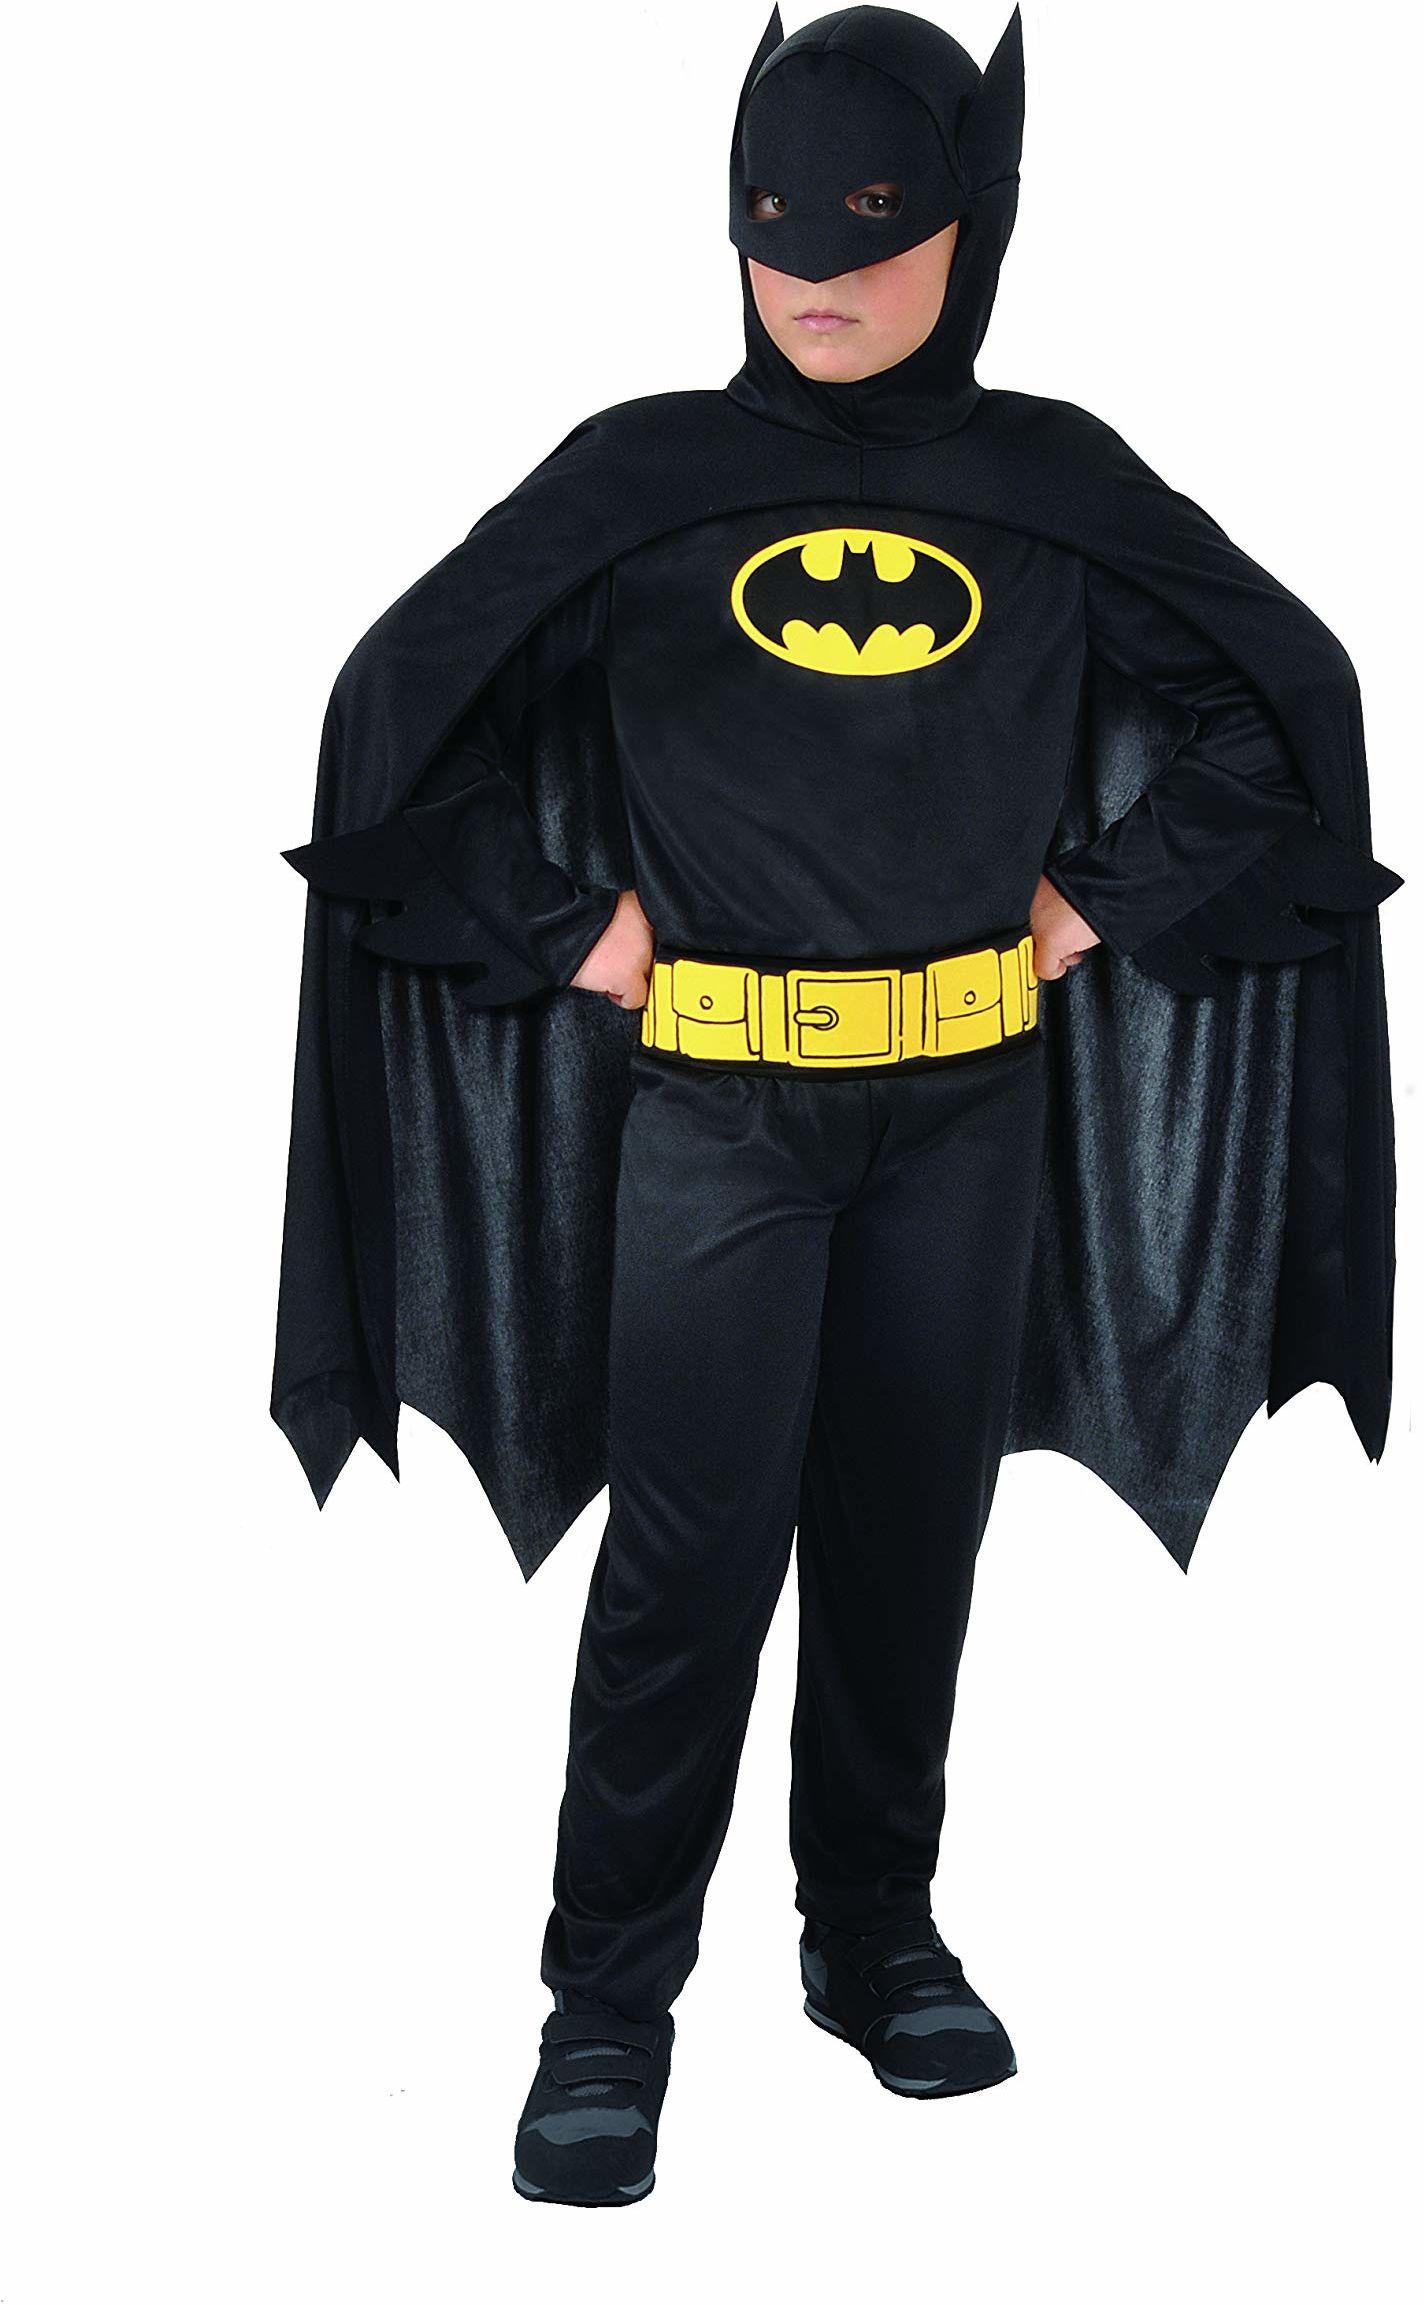 Ciao - Batman Dark Knight oryginalny kostium dziecięcy DC Comics (rozmiar 5-7 lat), kolor, 11670.5-7